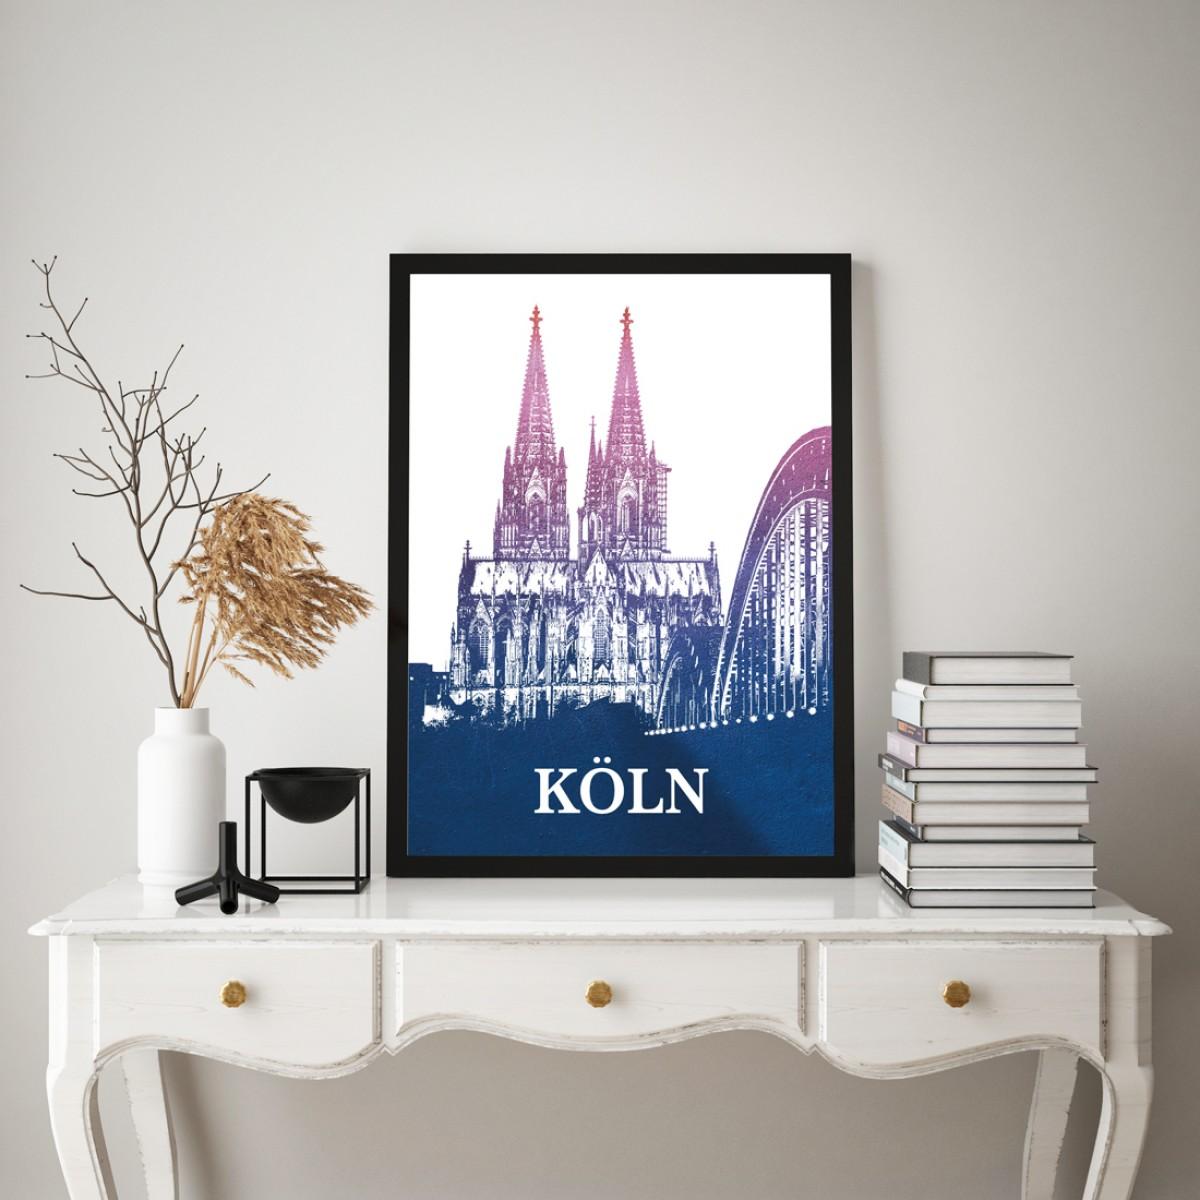 Stadtliebe®   Köln - Kölner Dom Kunstdruck verschiedene Größen DIN A3